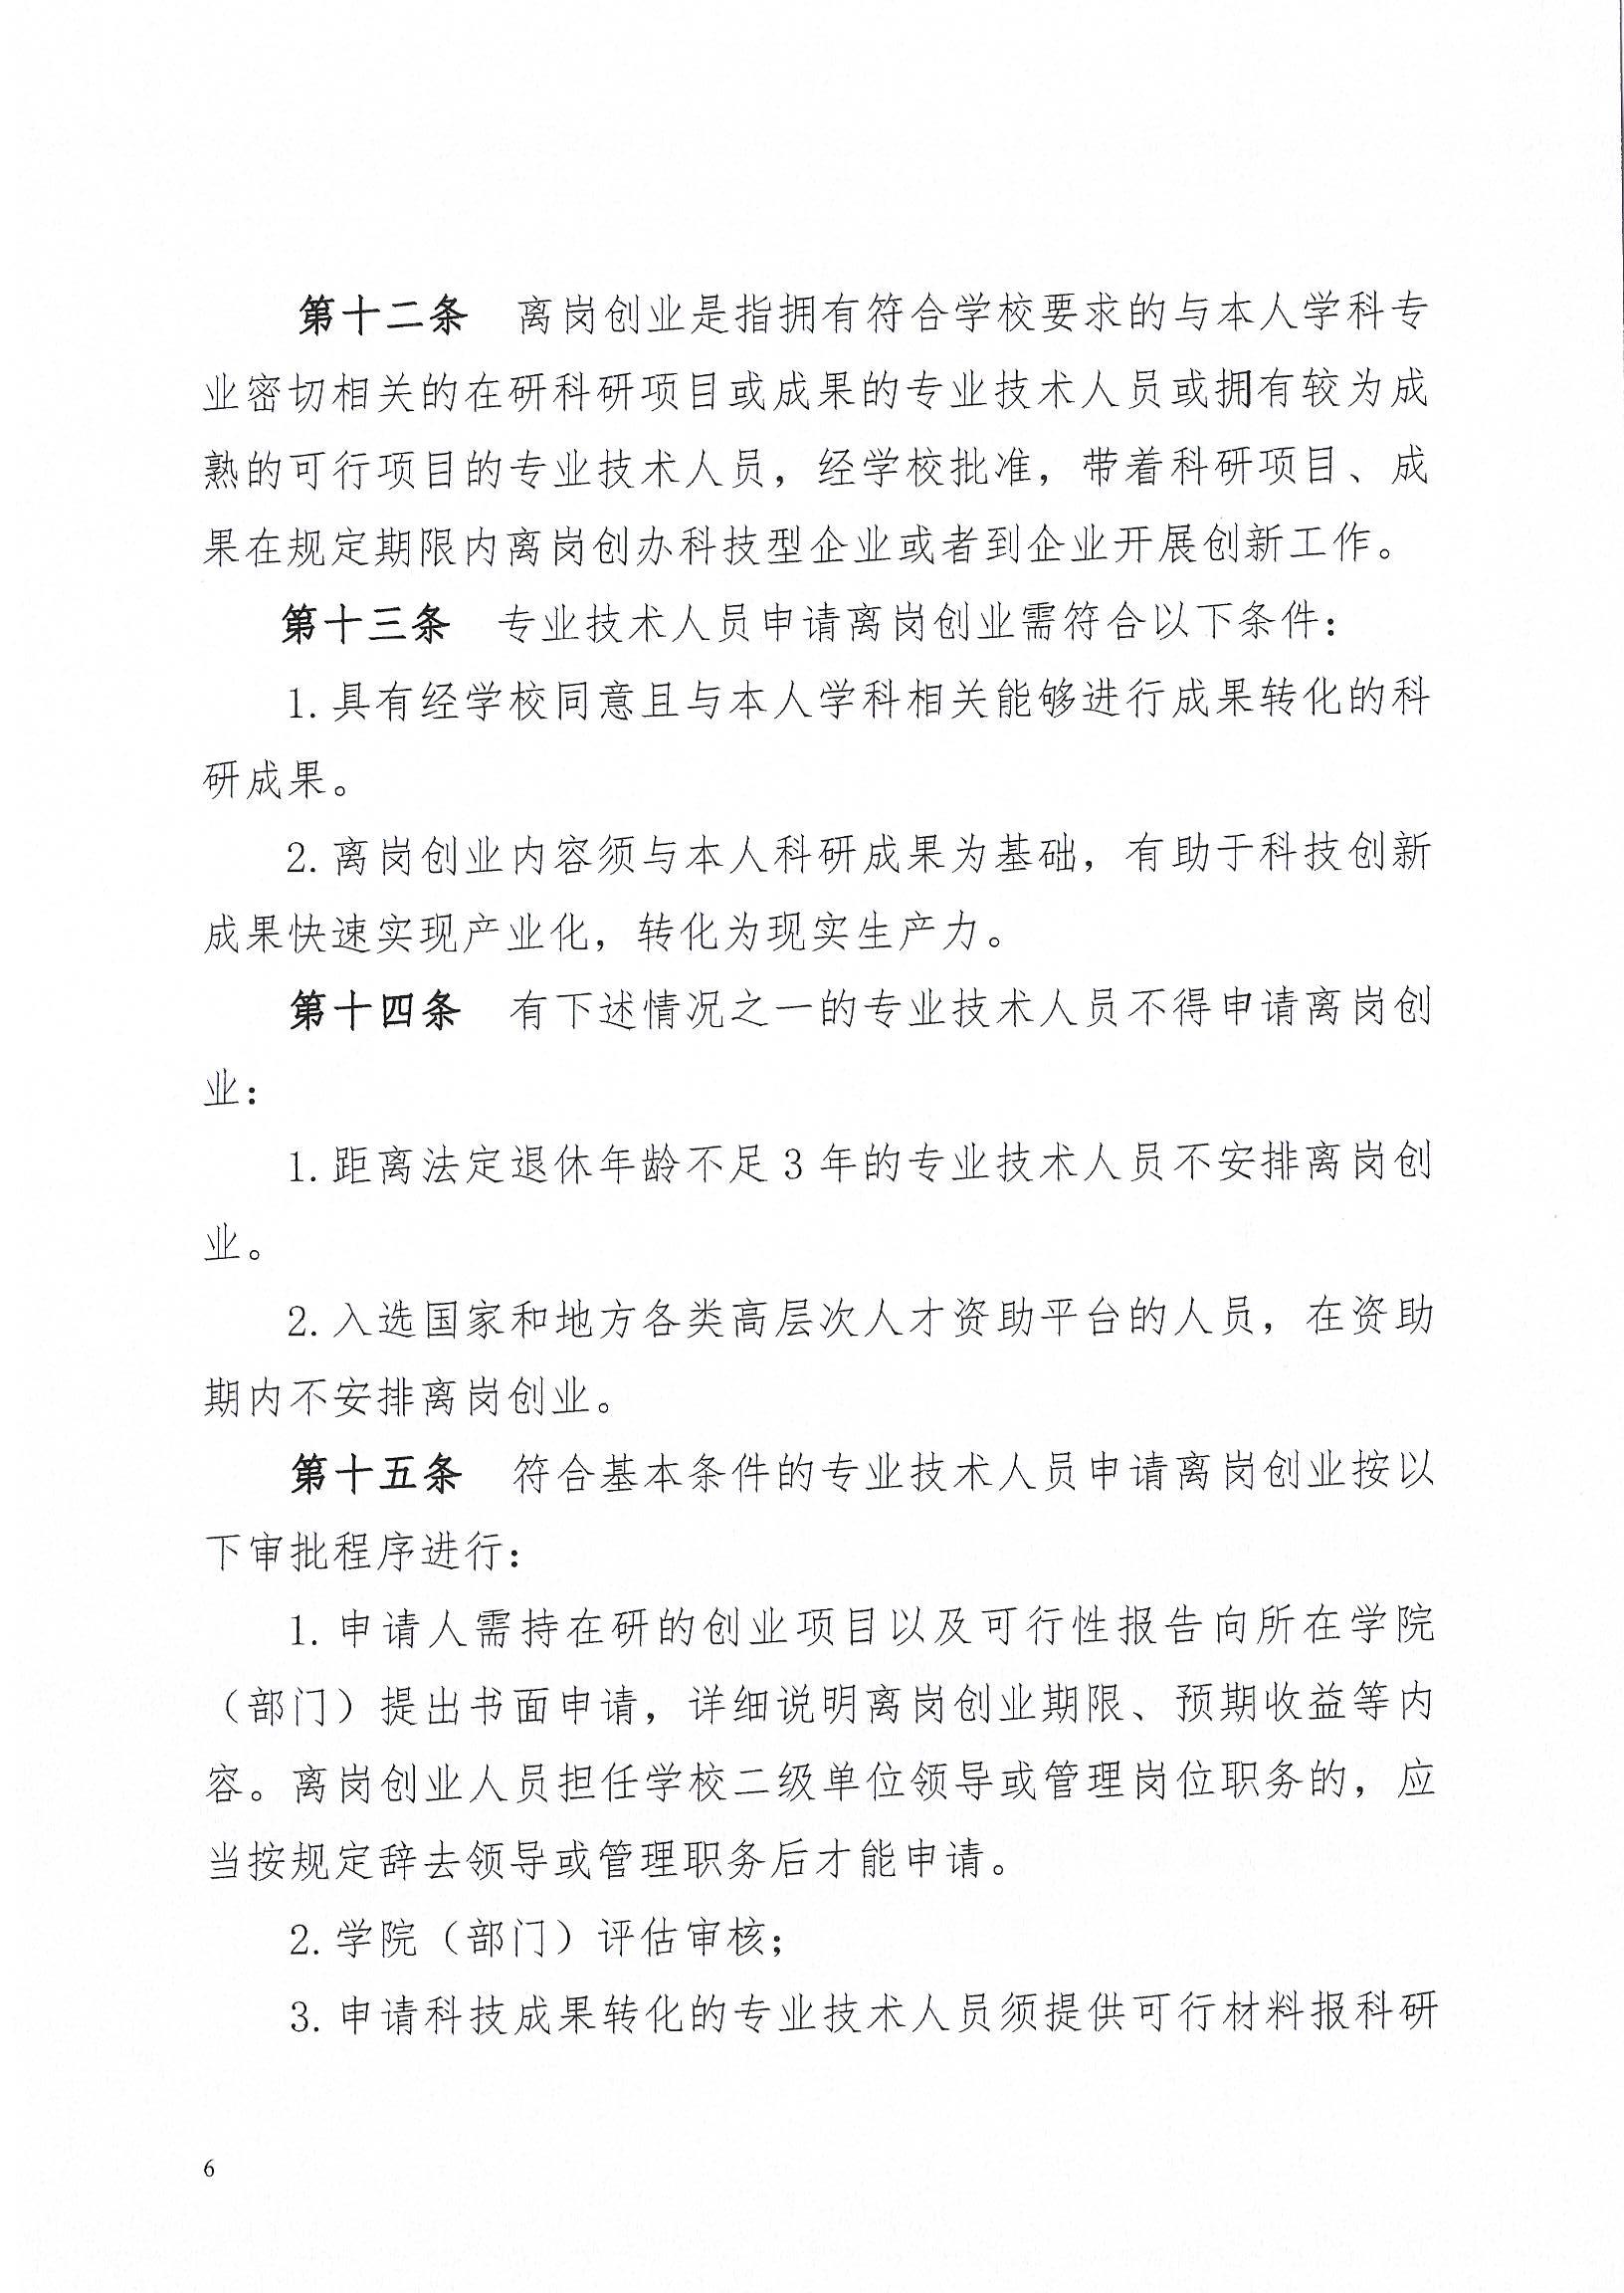 海南师范大学专业技术人员校外兼职、离岗创业管理办法(试行)